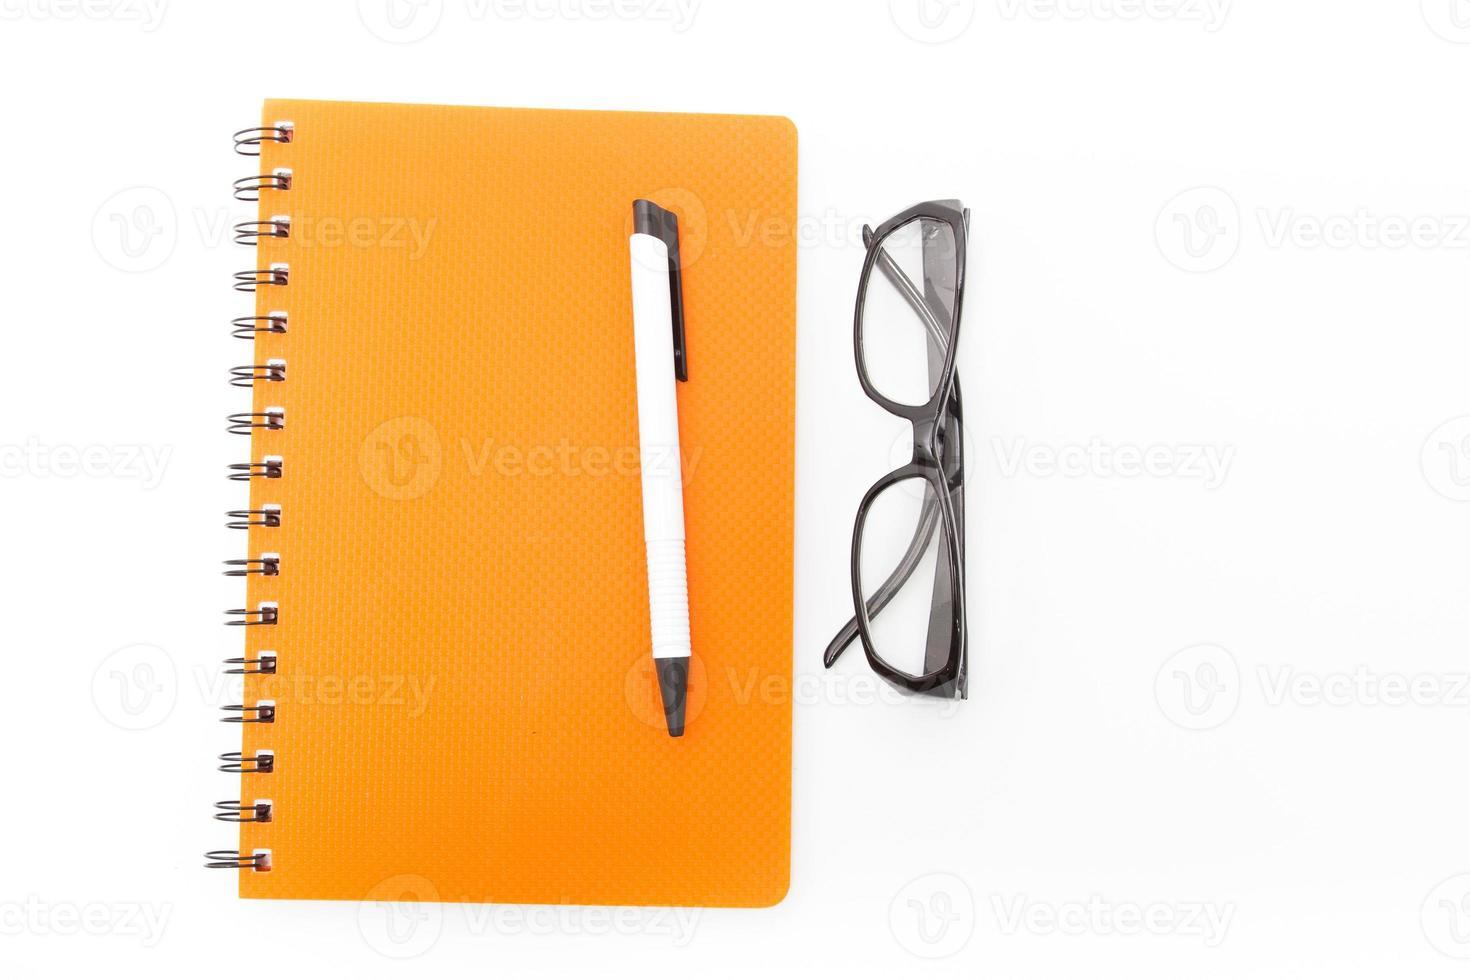 caderno e caneta com óculos foto